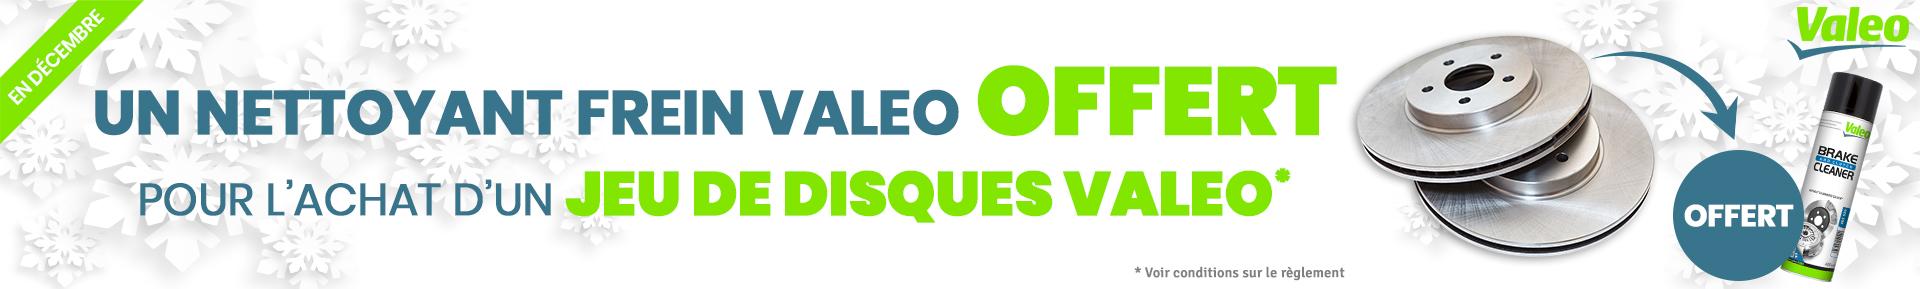 Un nettoyant frein VALEO offert pour l'achat d'un jeu de disques VALEO *